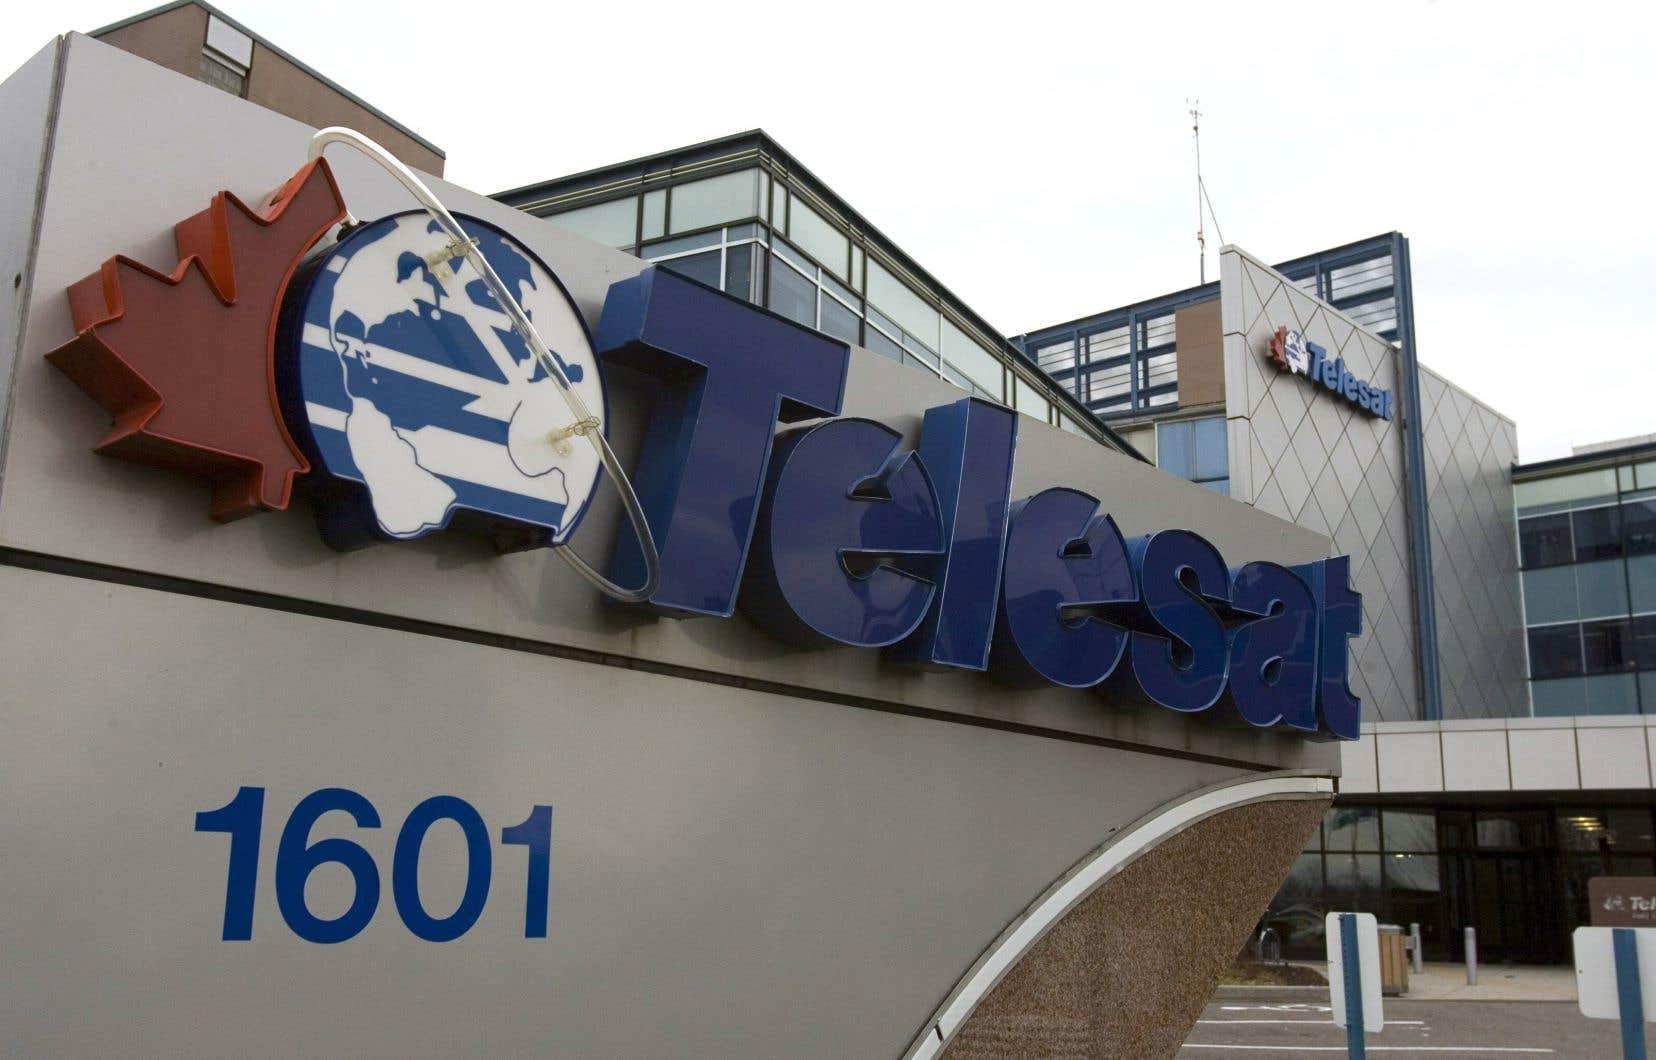 La société Telesatconstruira et à lancera un groupe de satellites coordonnés — une «constellation» — en orbite terrestre basse.